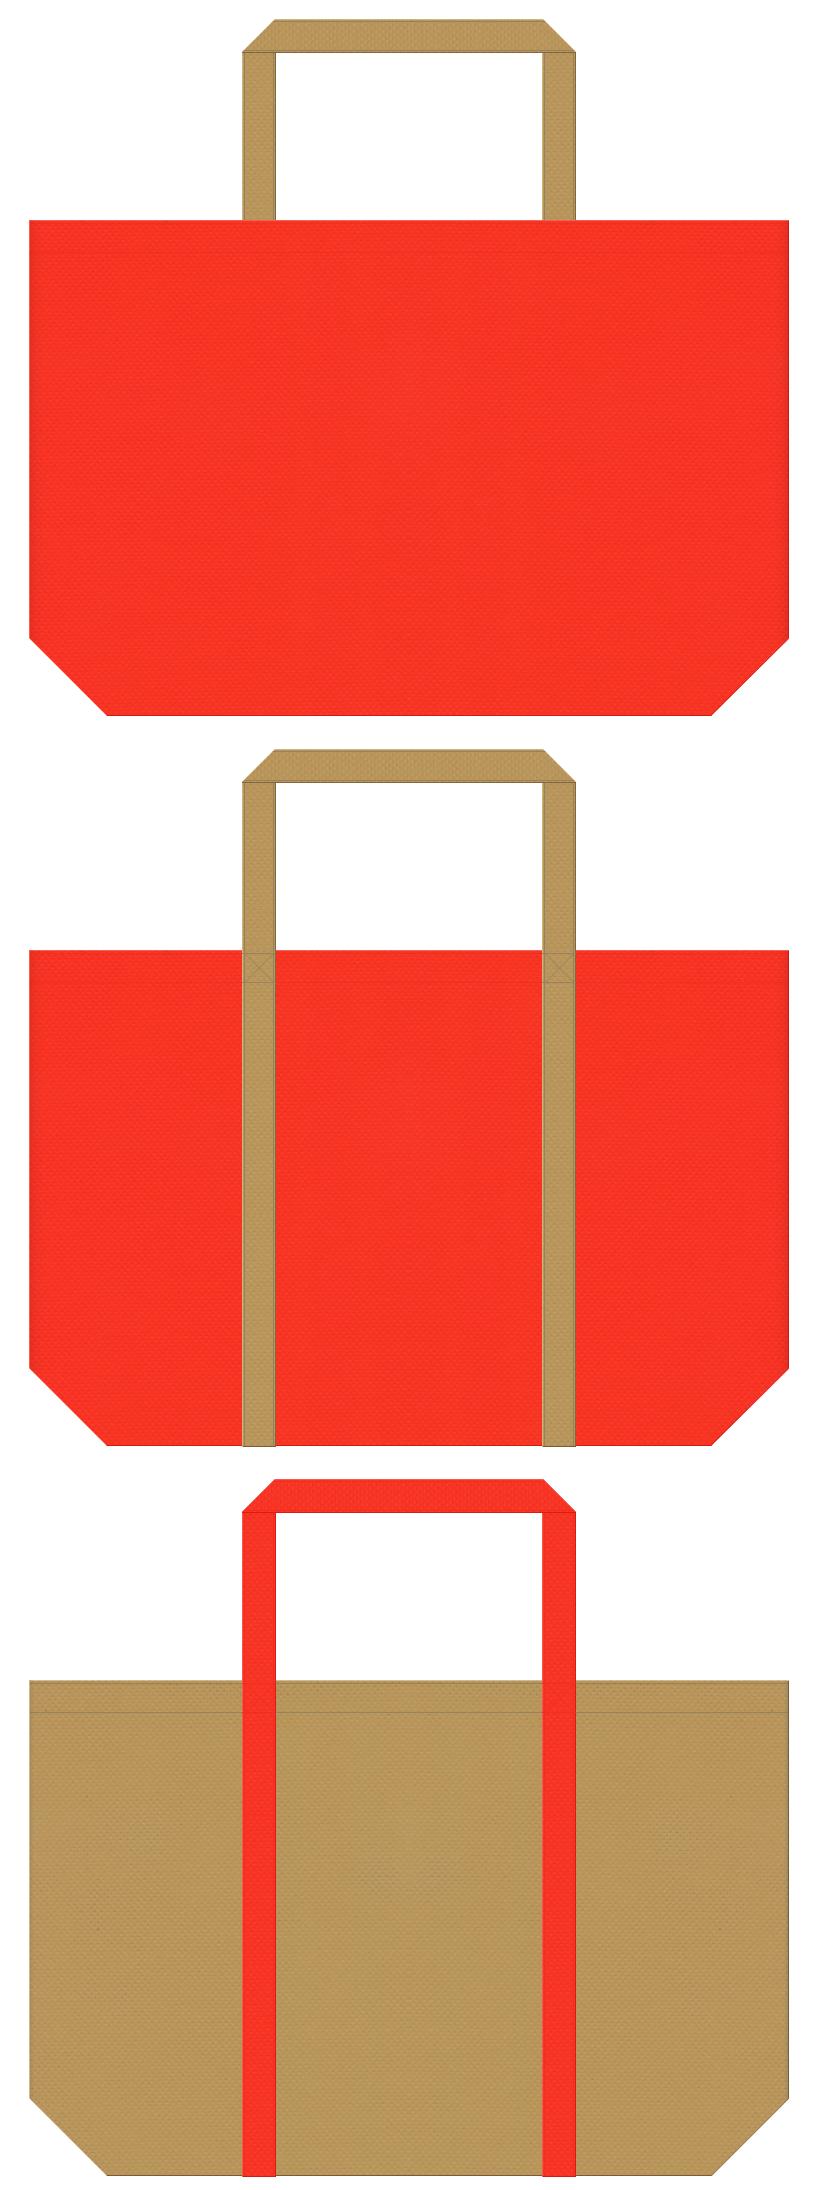 オレンジ色と金色系黄土色の不織布ショッピングバッグデザイン。